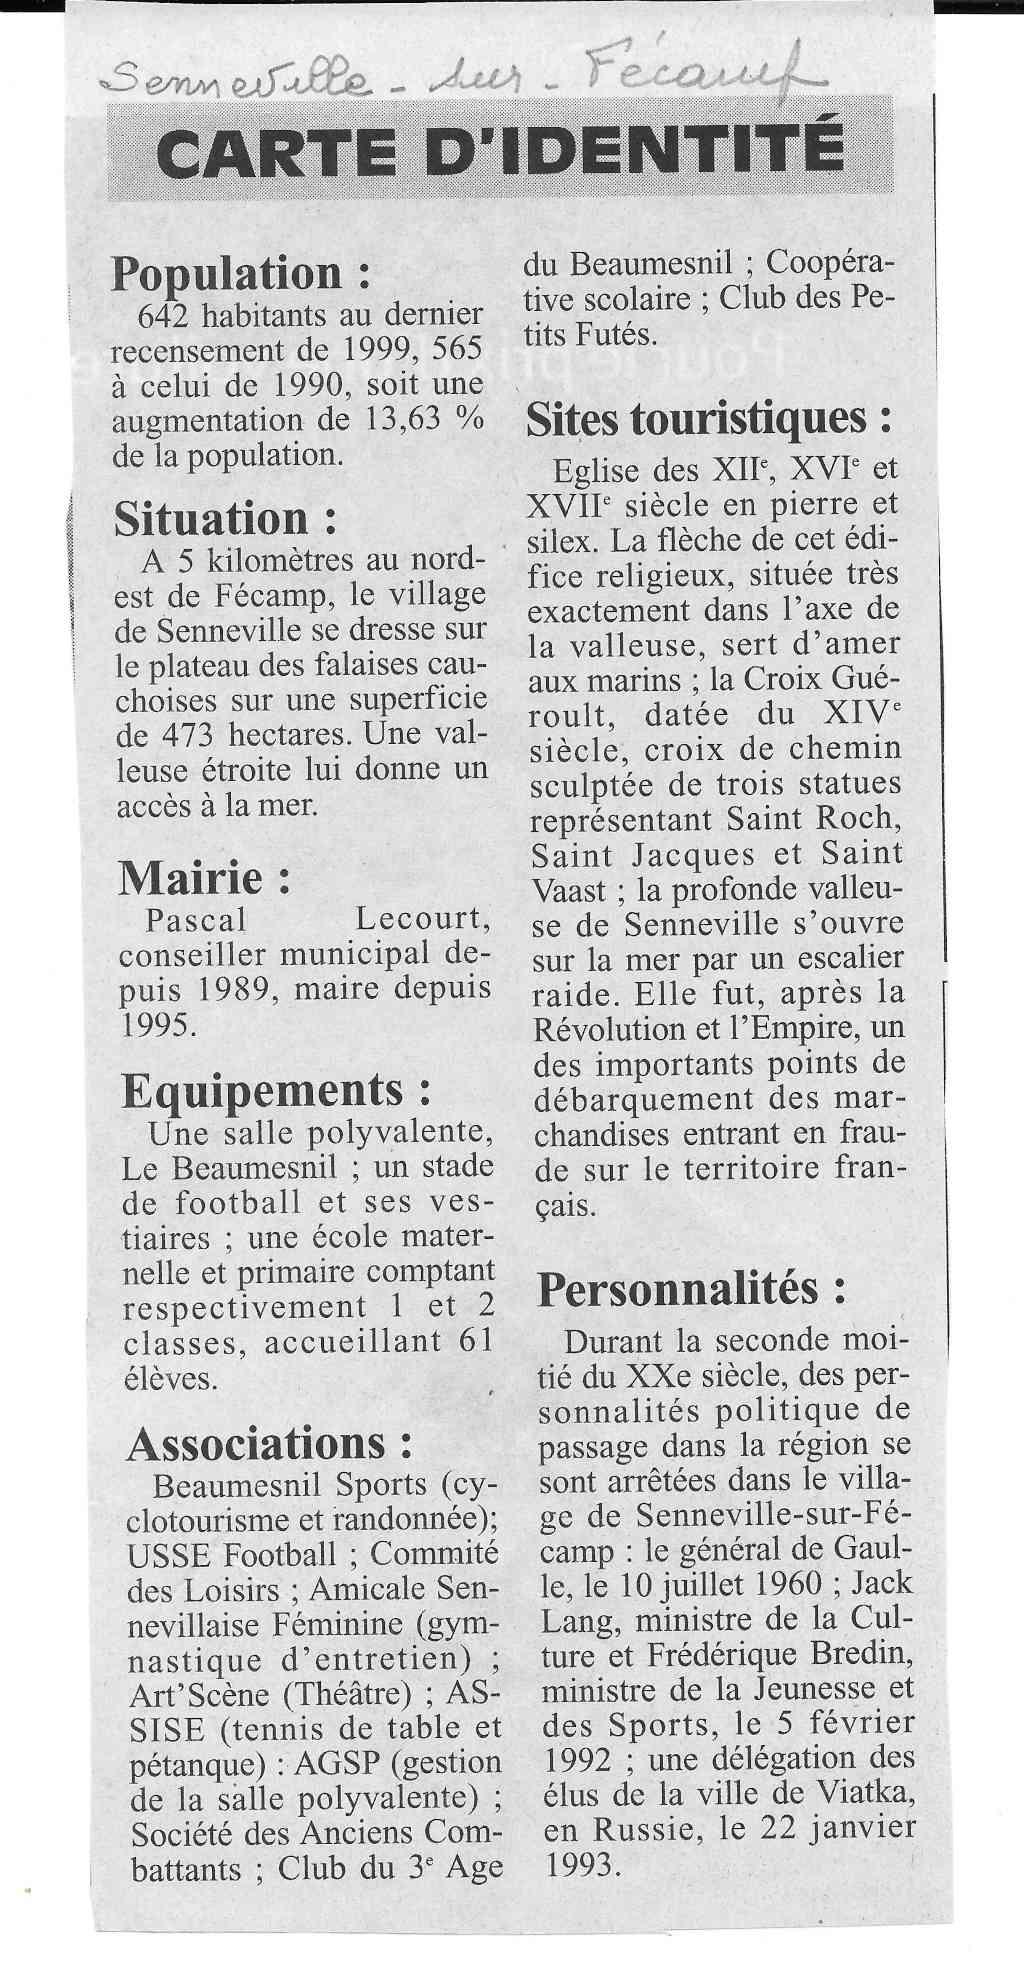 bolbec - Histoire des communes - Senneville-sur-Fécamp 335